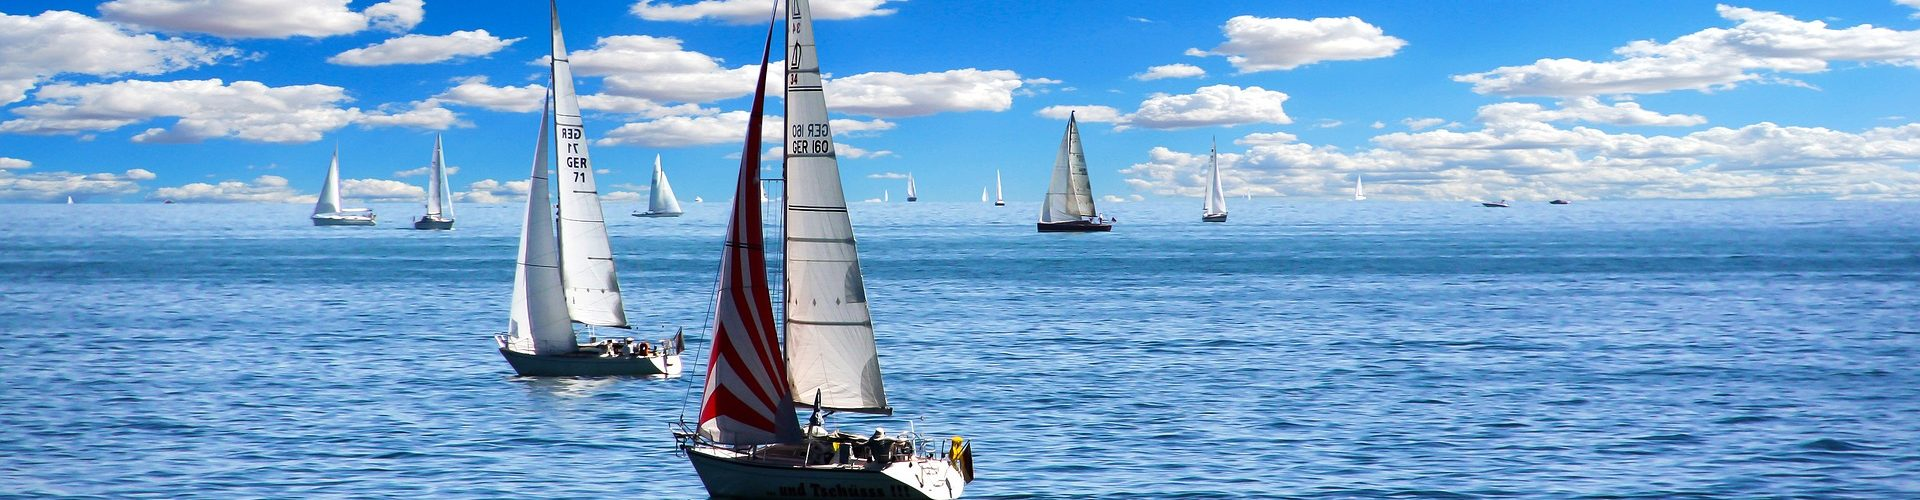 segeln lernen in Neuendeich segelschein machen in Neuendeich 1920x500 - Segeln lernen in Neuendeich